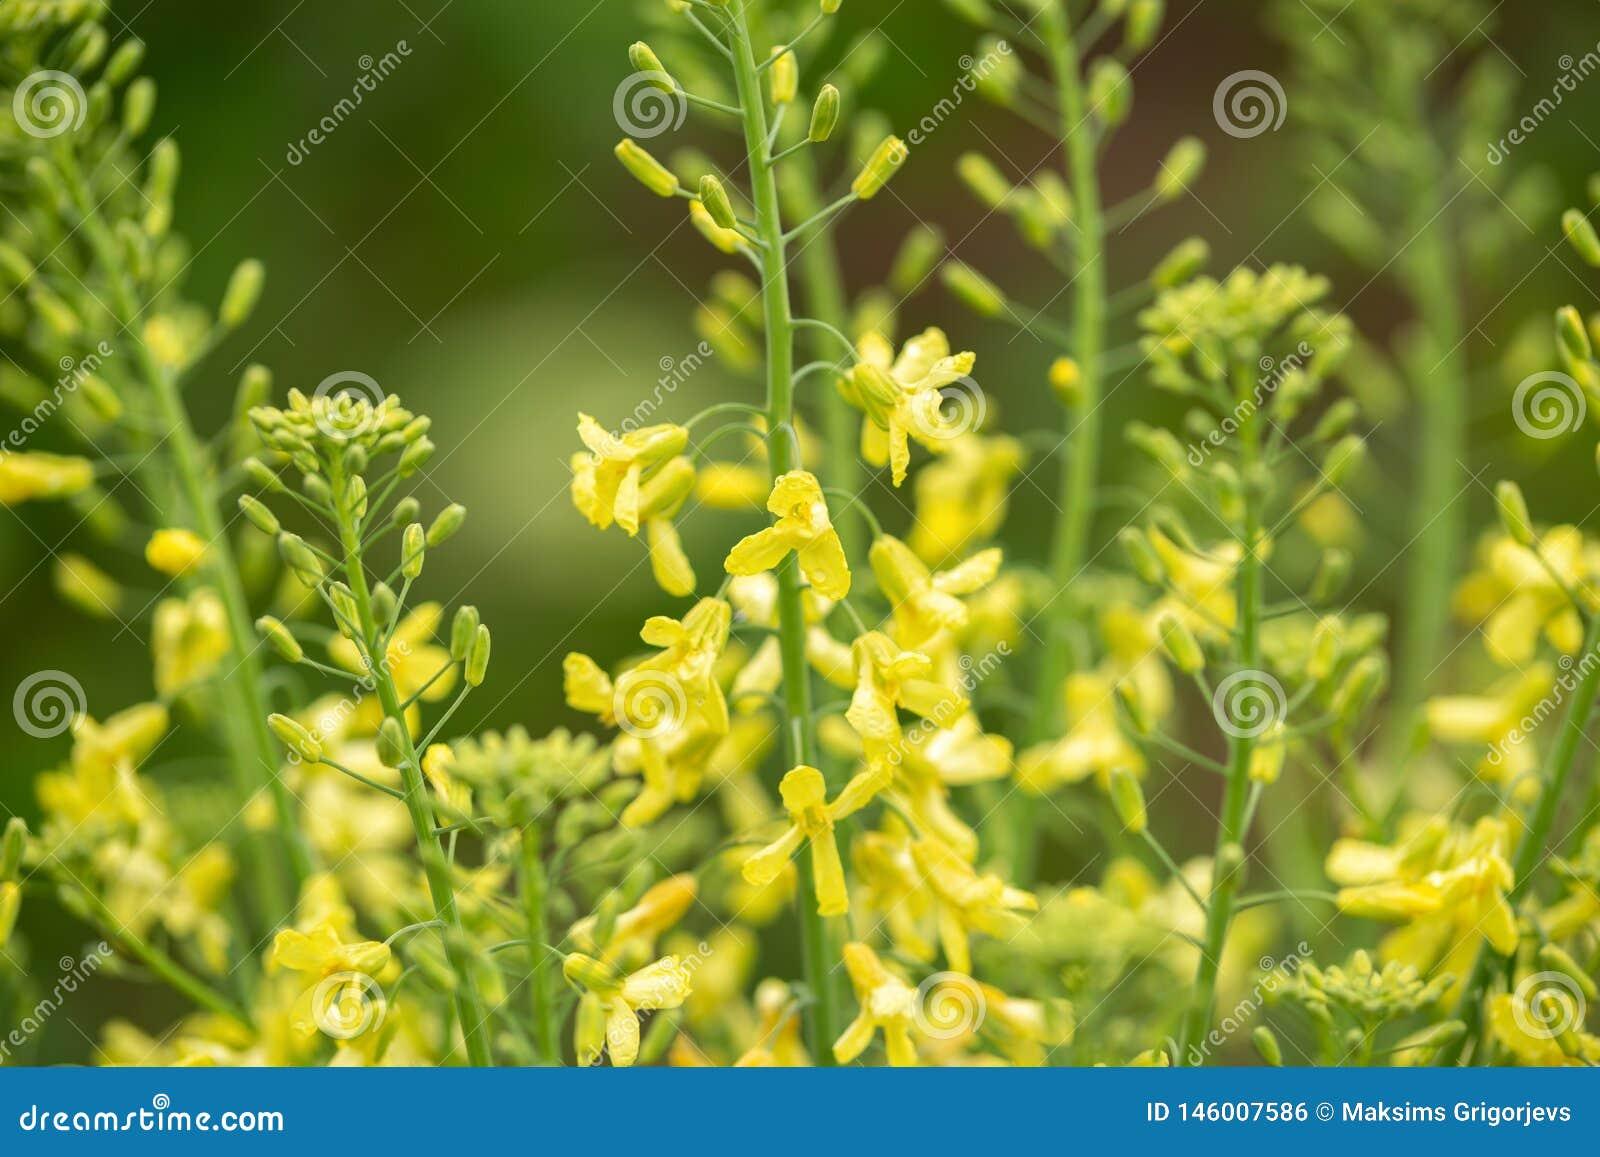 羽衣甘蓝黄色花下种子收藏的在春天庭院里